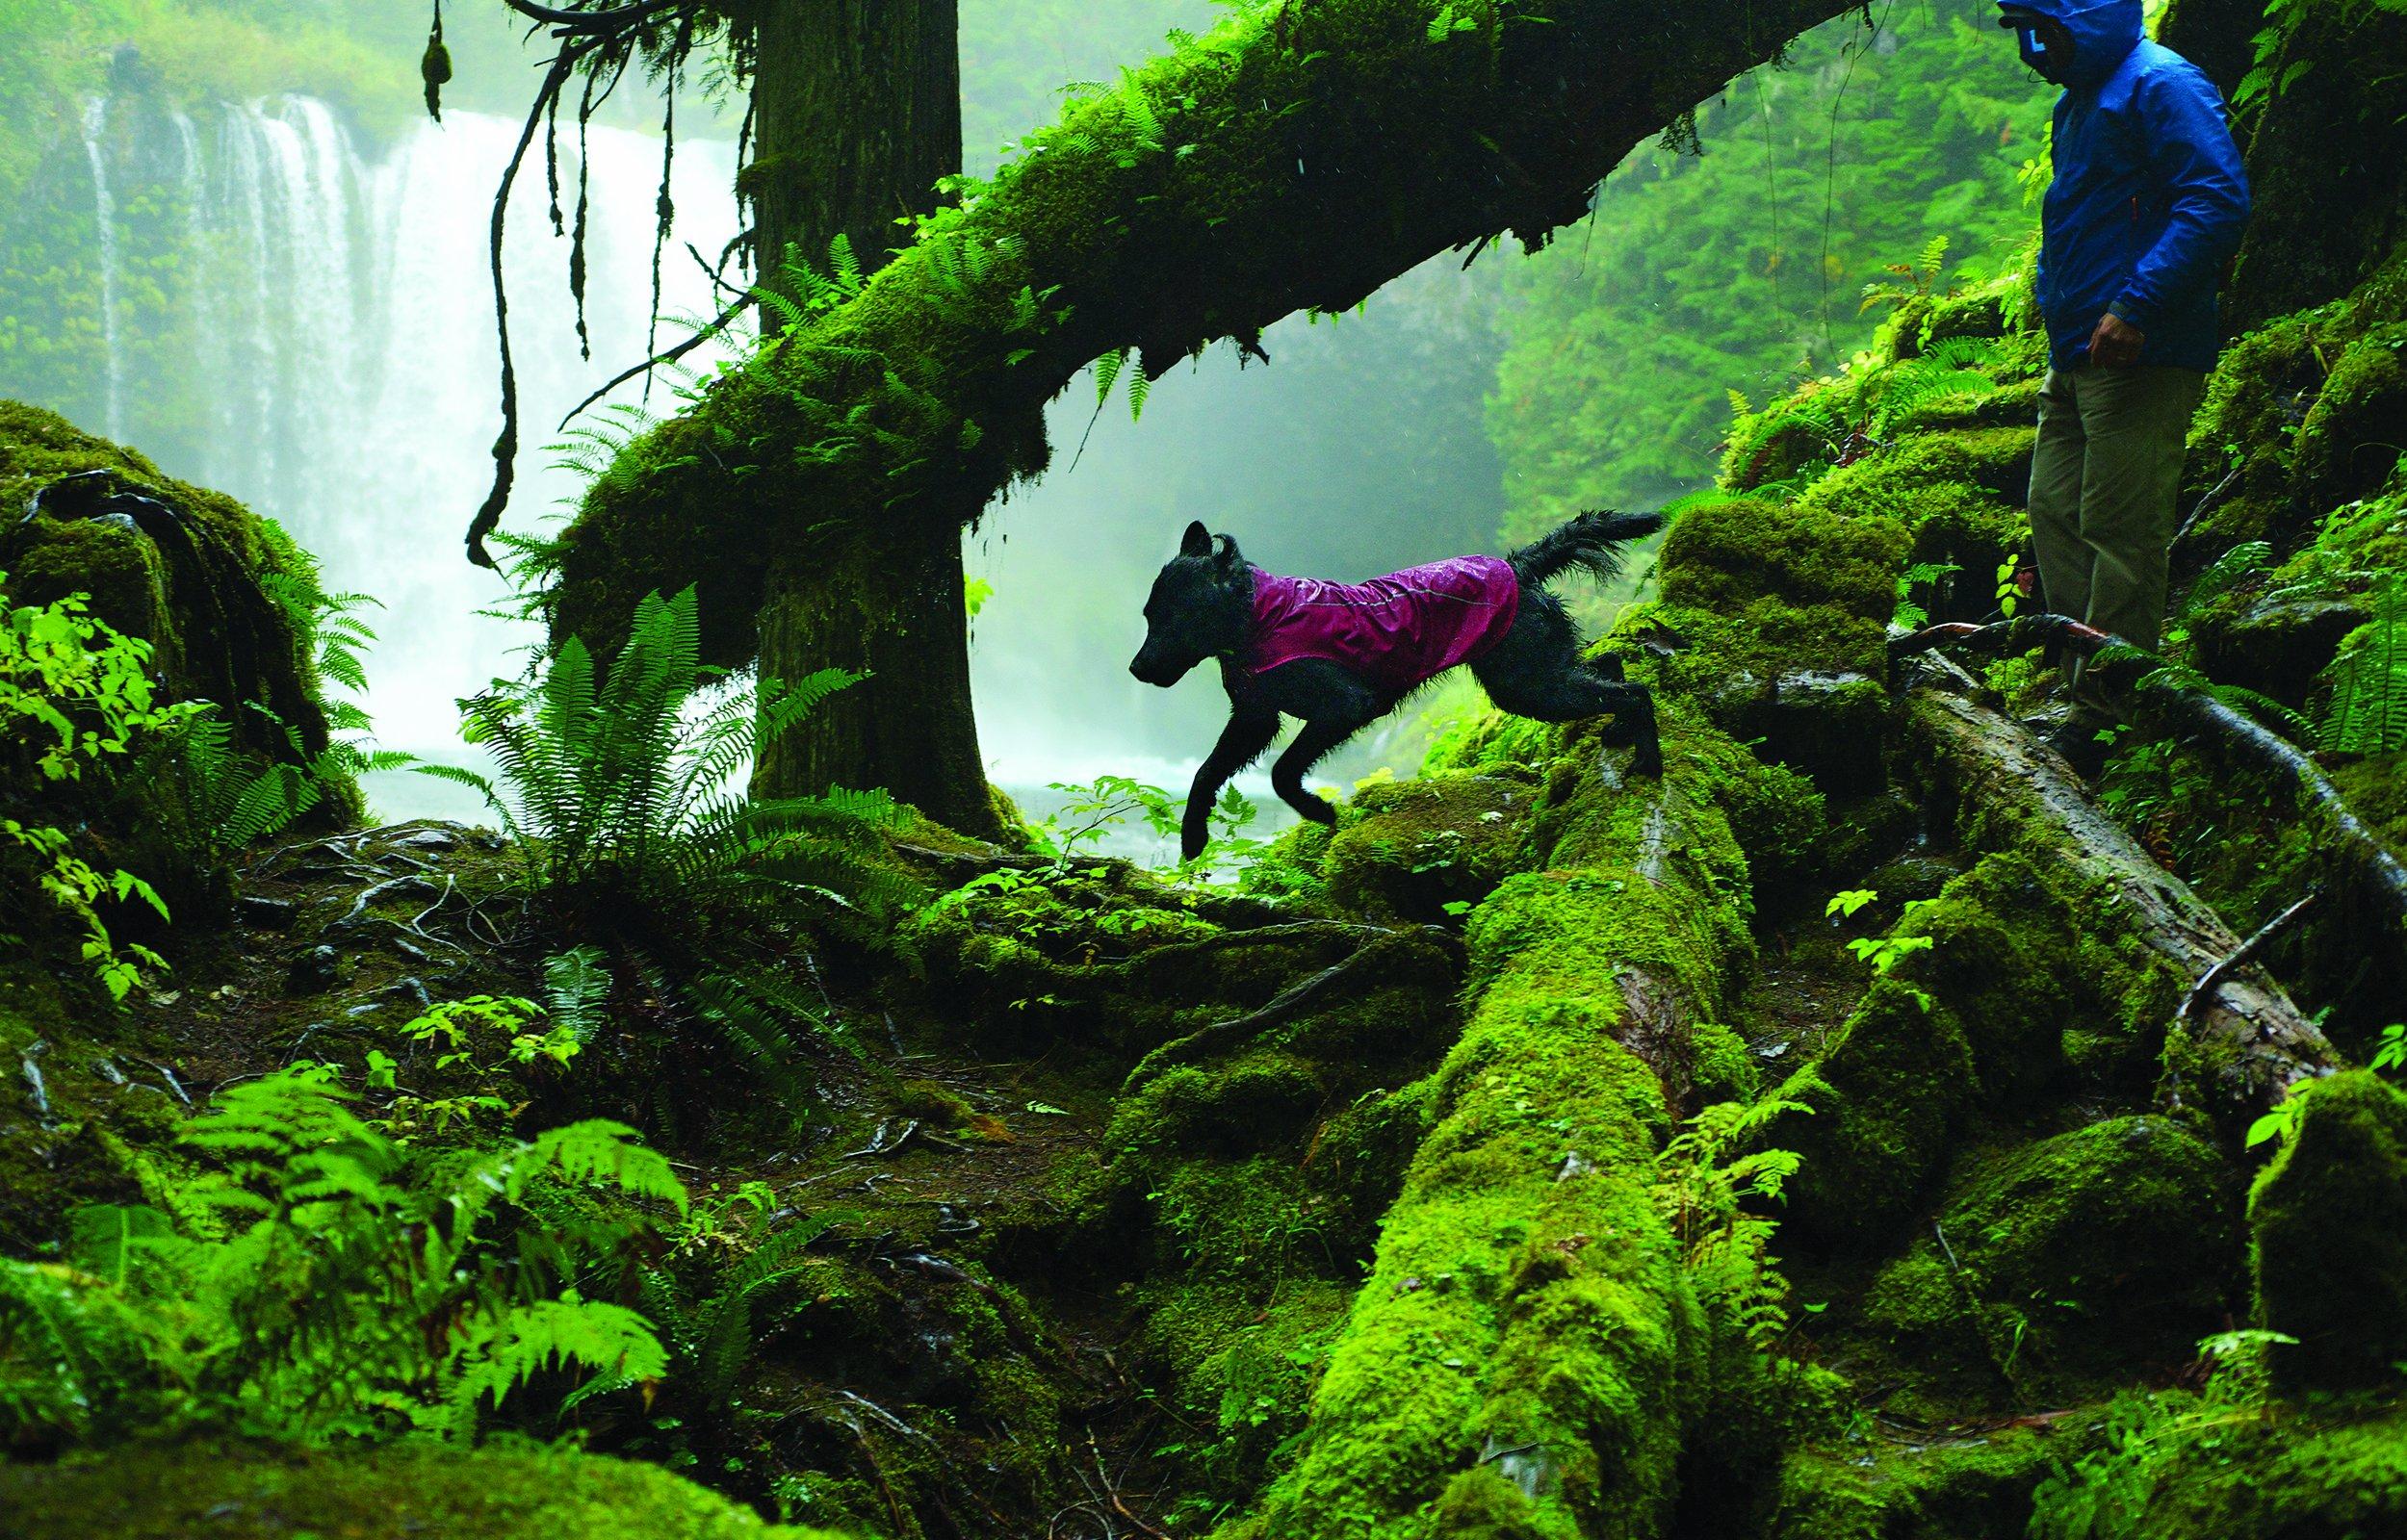 RUFFWEAR - Sun Shower Waterproof Rain Jacket for Dogs, Purple Dusk, Large by RUFFWEAR (Image #5)